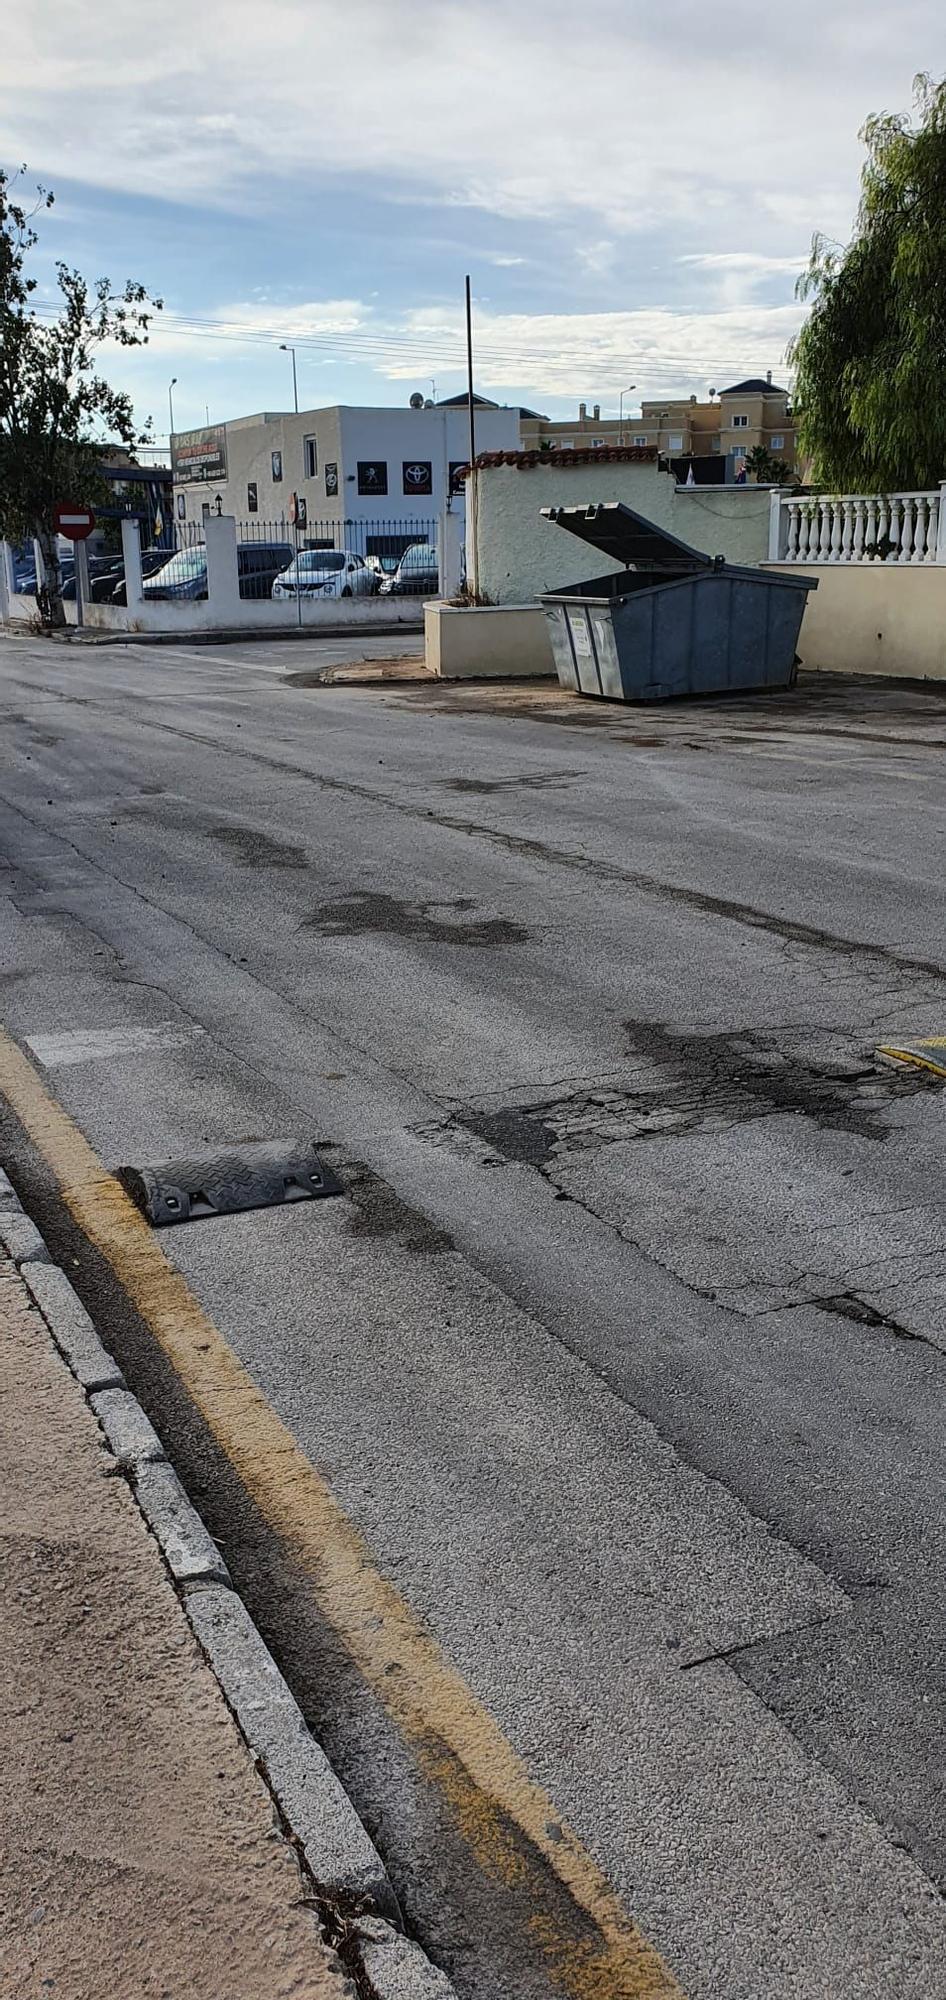 52 Regia Reductor velocidad Menorca.jpg